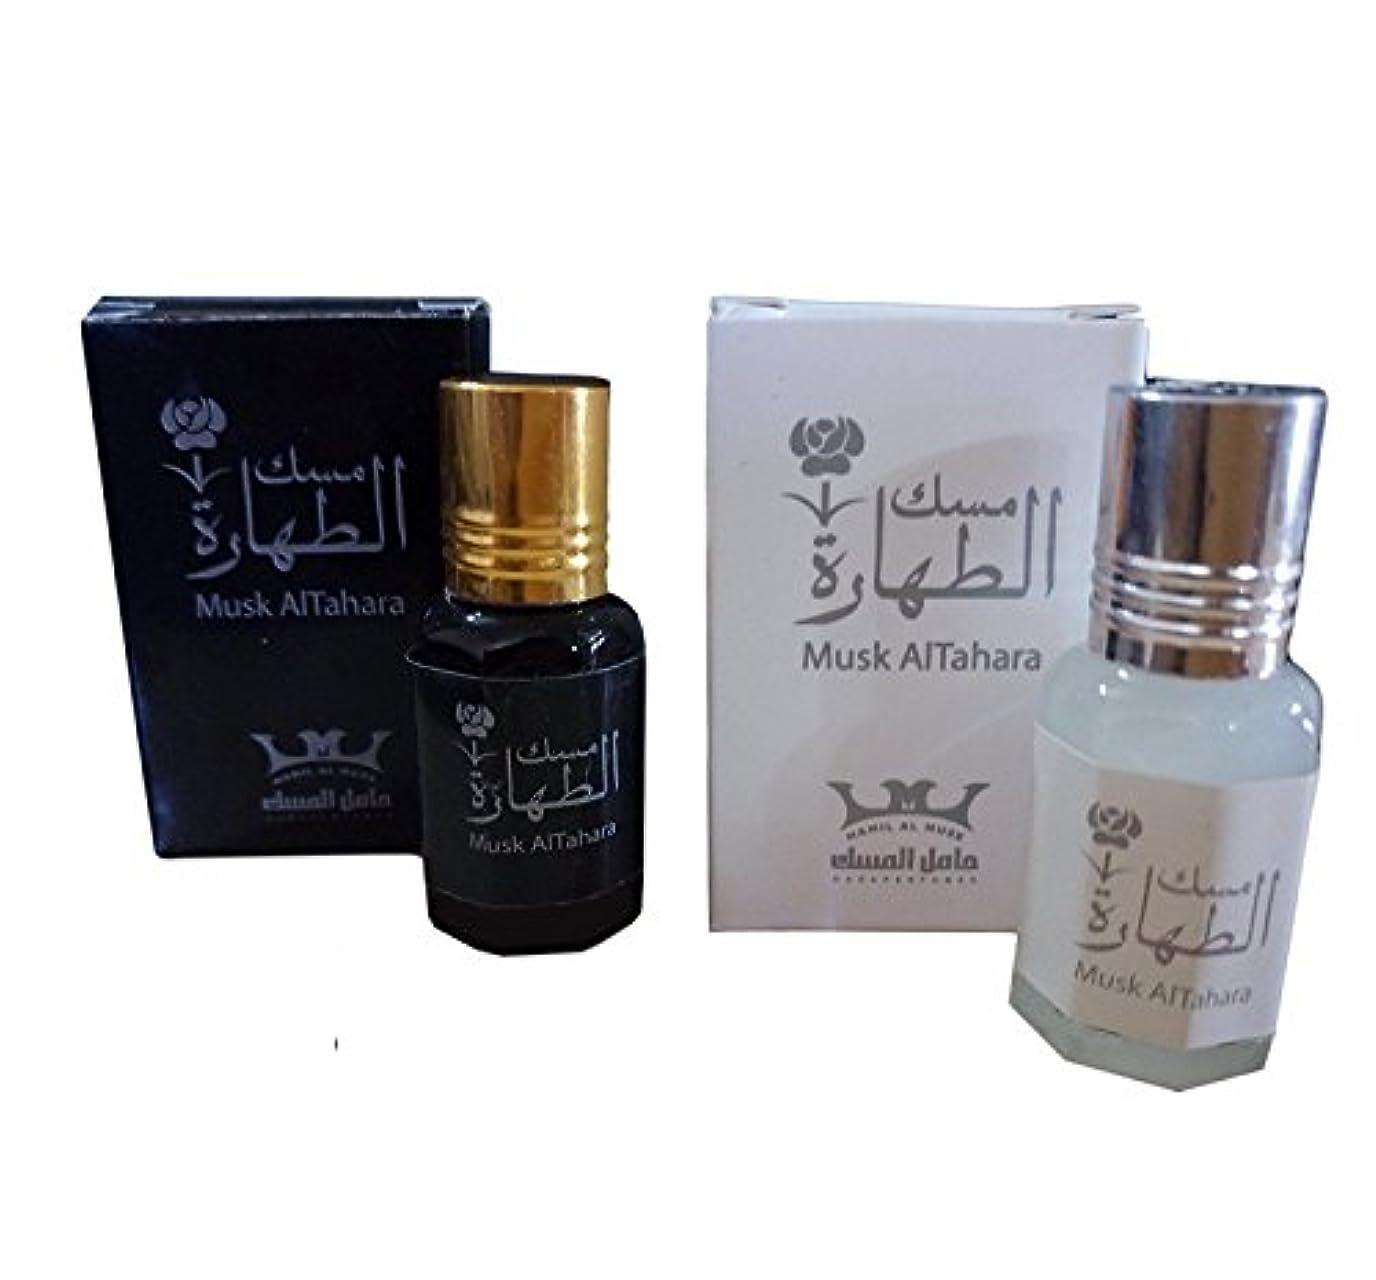 虫彼は人工的なWomen Musk Al tahara Pure Saudi Altahara Perfume White & Black 10 ml Alcohol Free